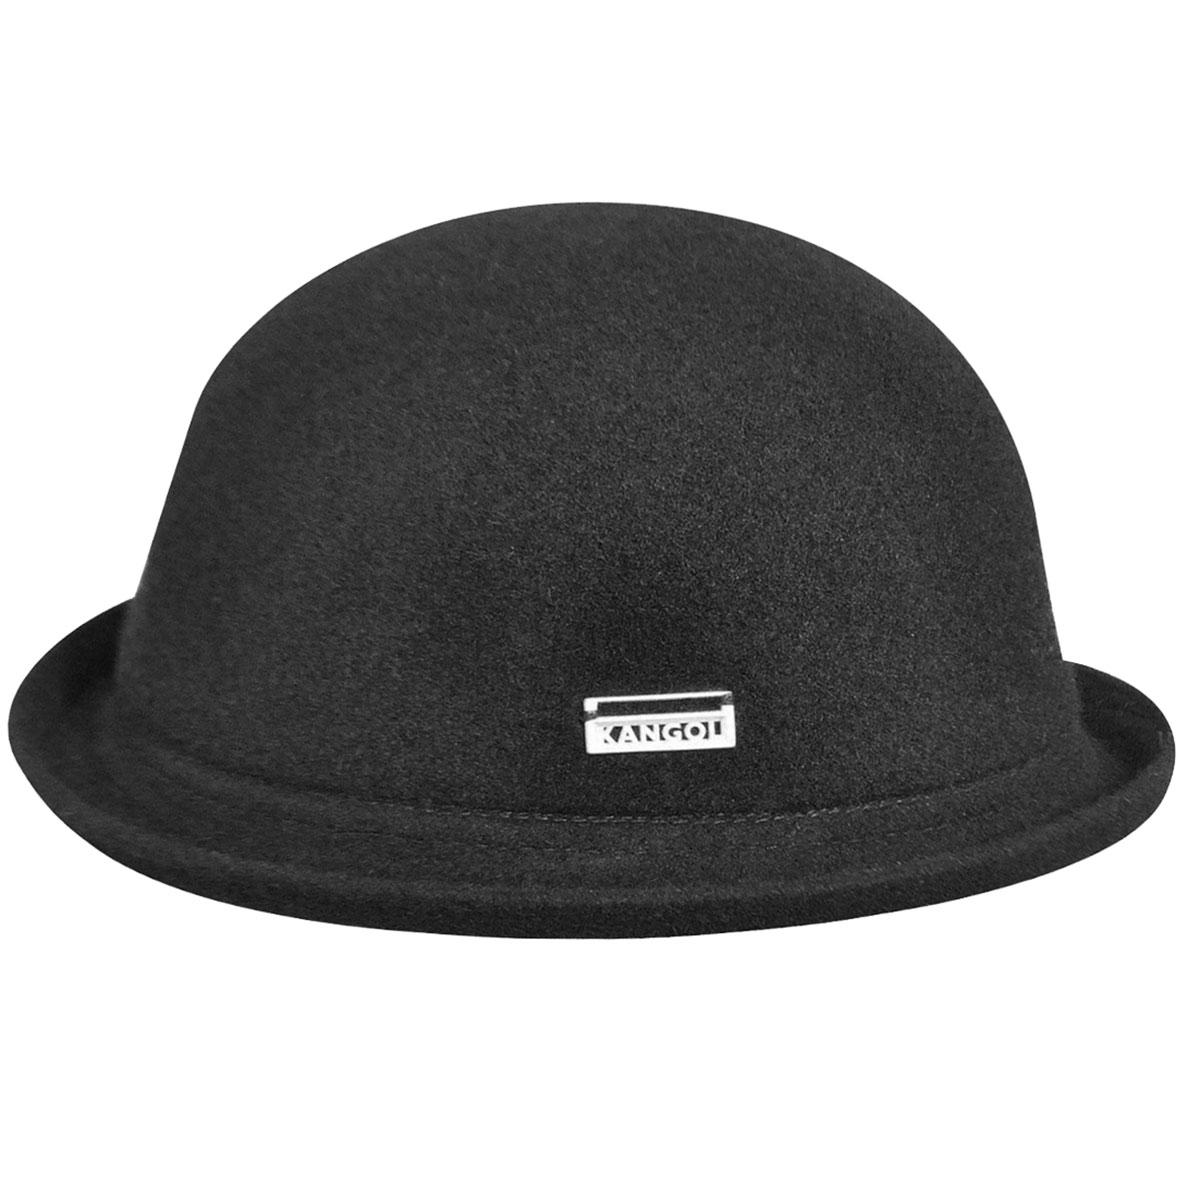 Kangol Wool Bombin in Black